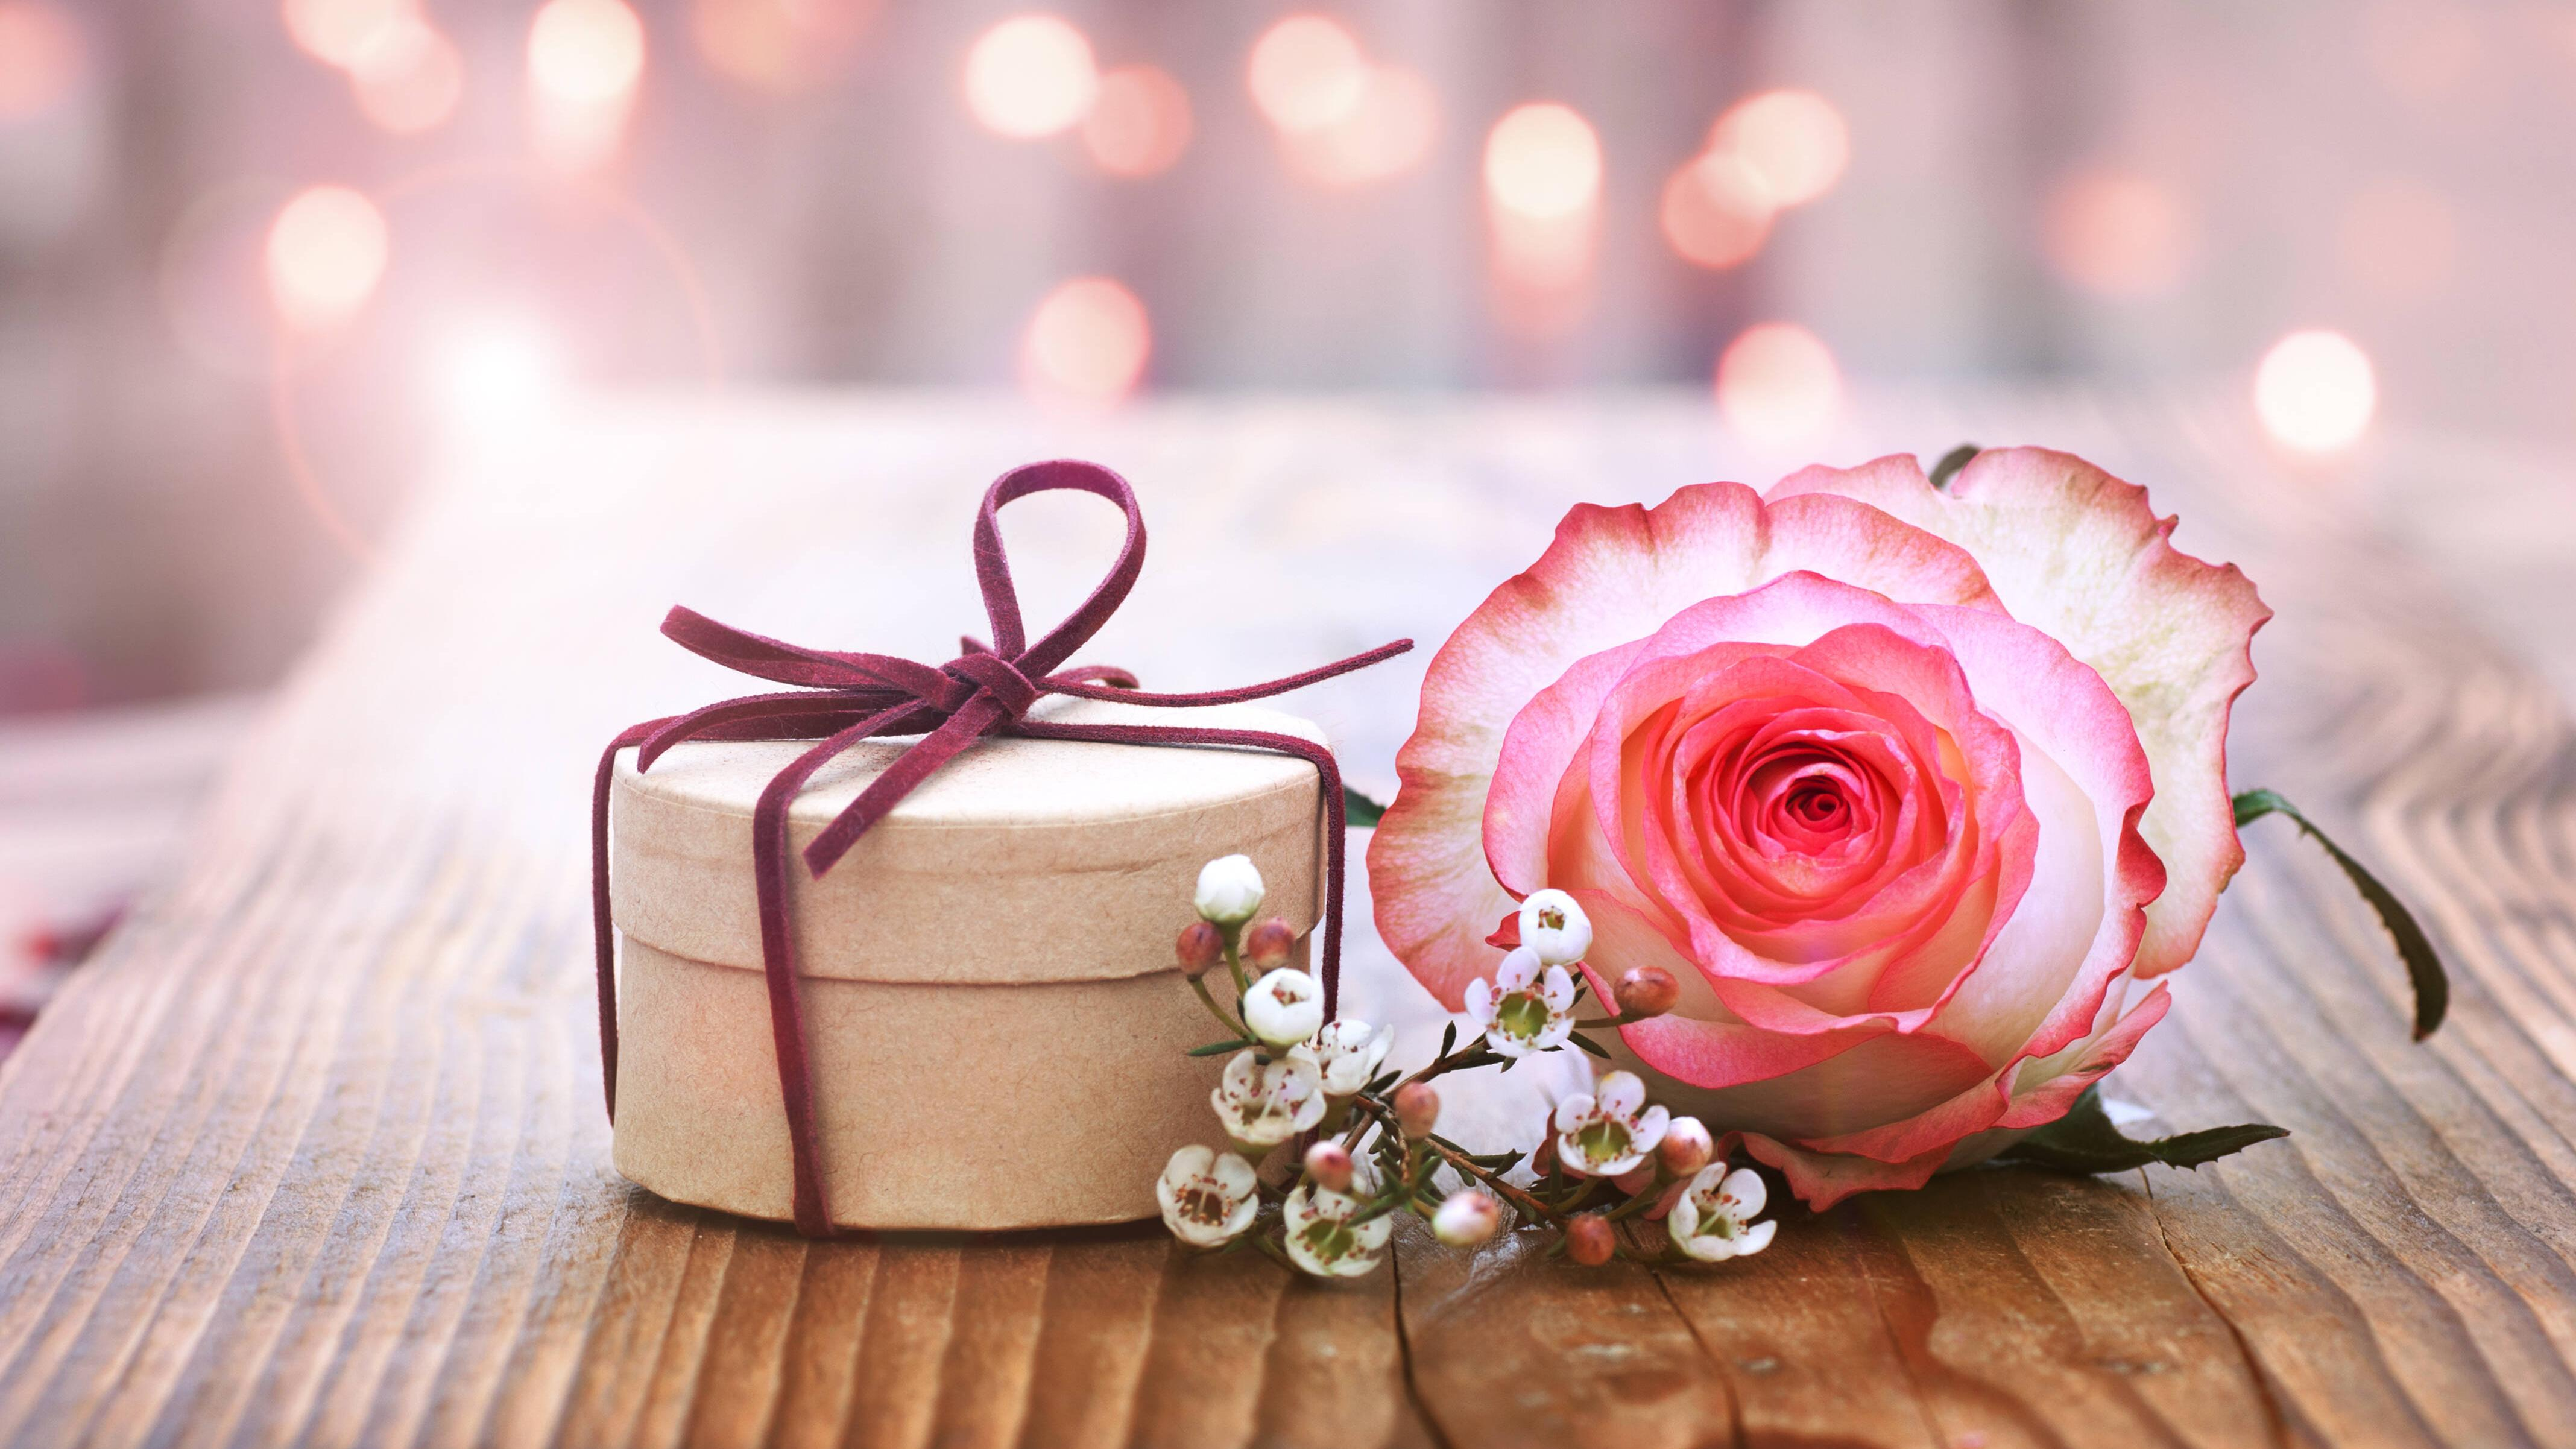 Valentinstag-Geschenke selber machen: 3 Last-Minute-Ideen